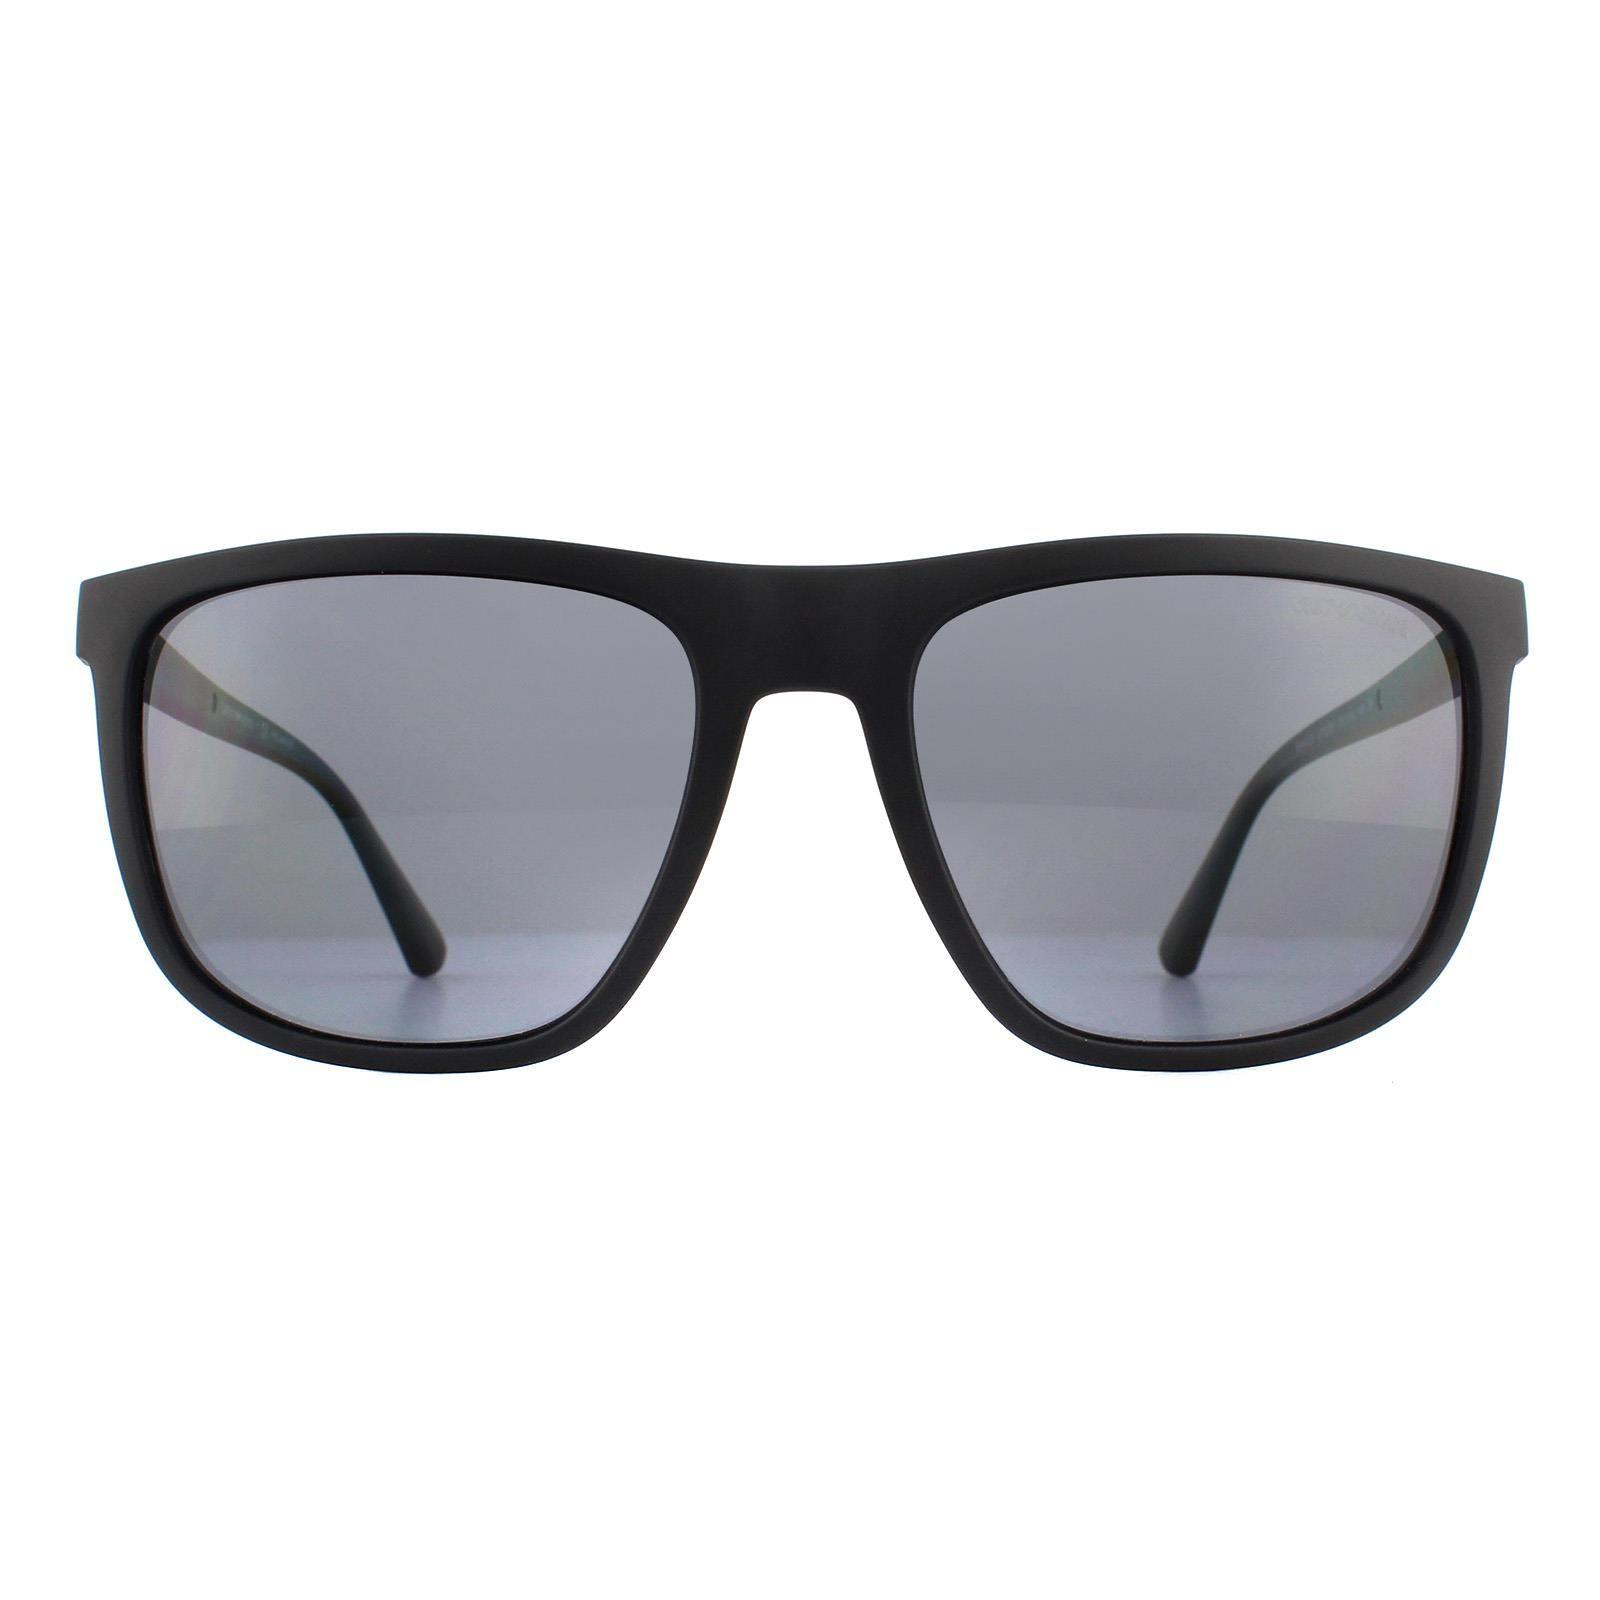 Emporio Armani Sunglasses EA4124 573381 Matte Black Grey Polarized